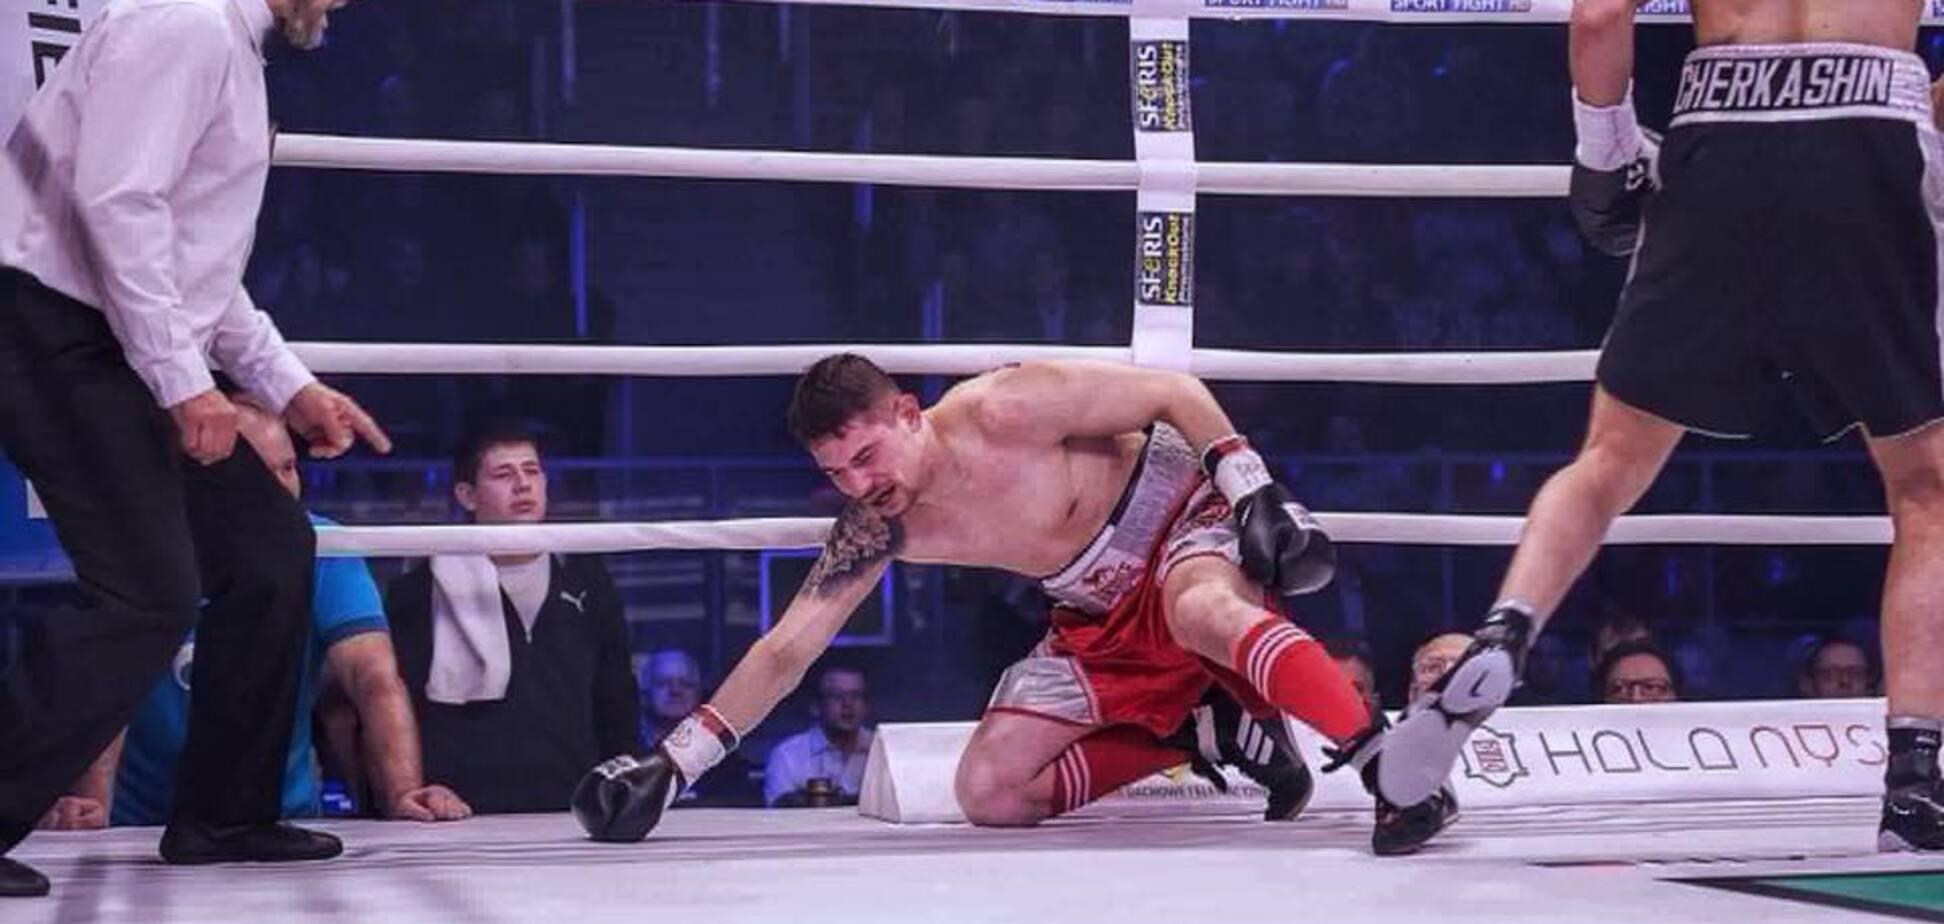 Непобедимый украинский боксер добыл победу нокаутом в первом раунде